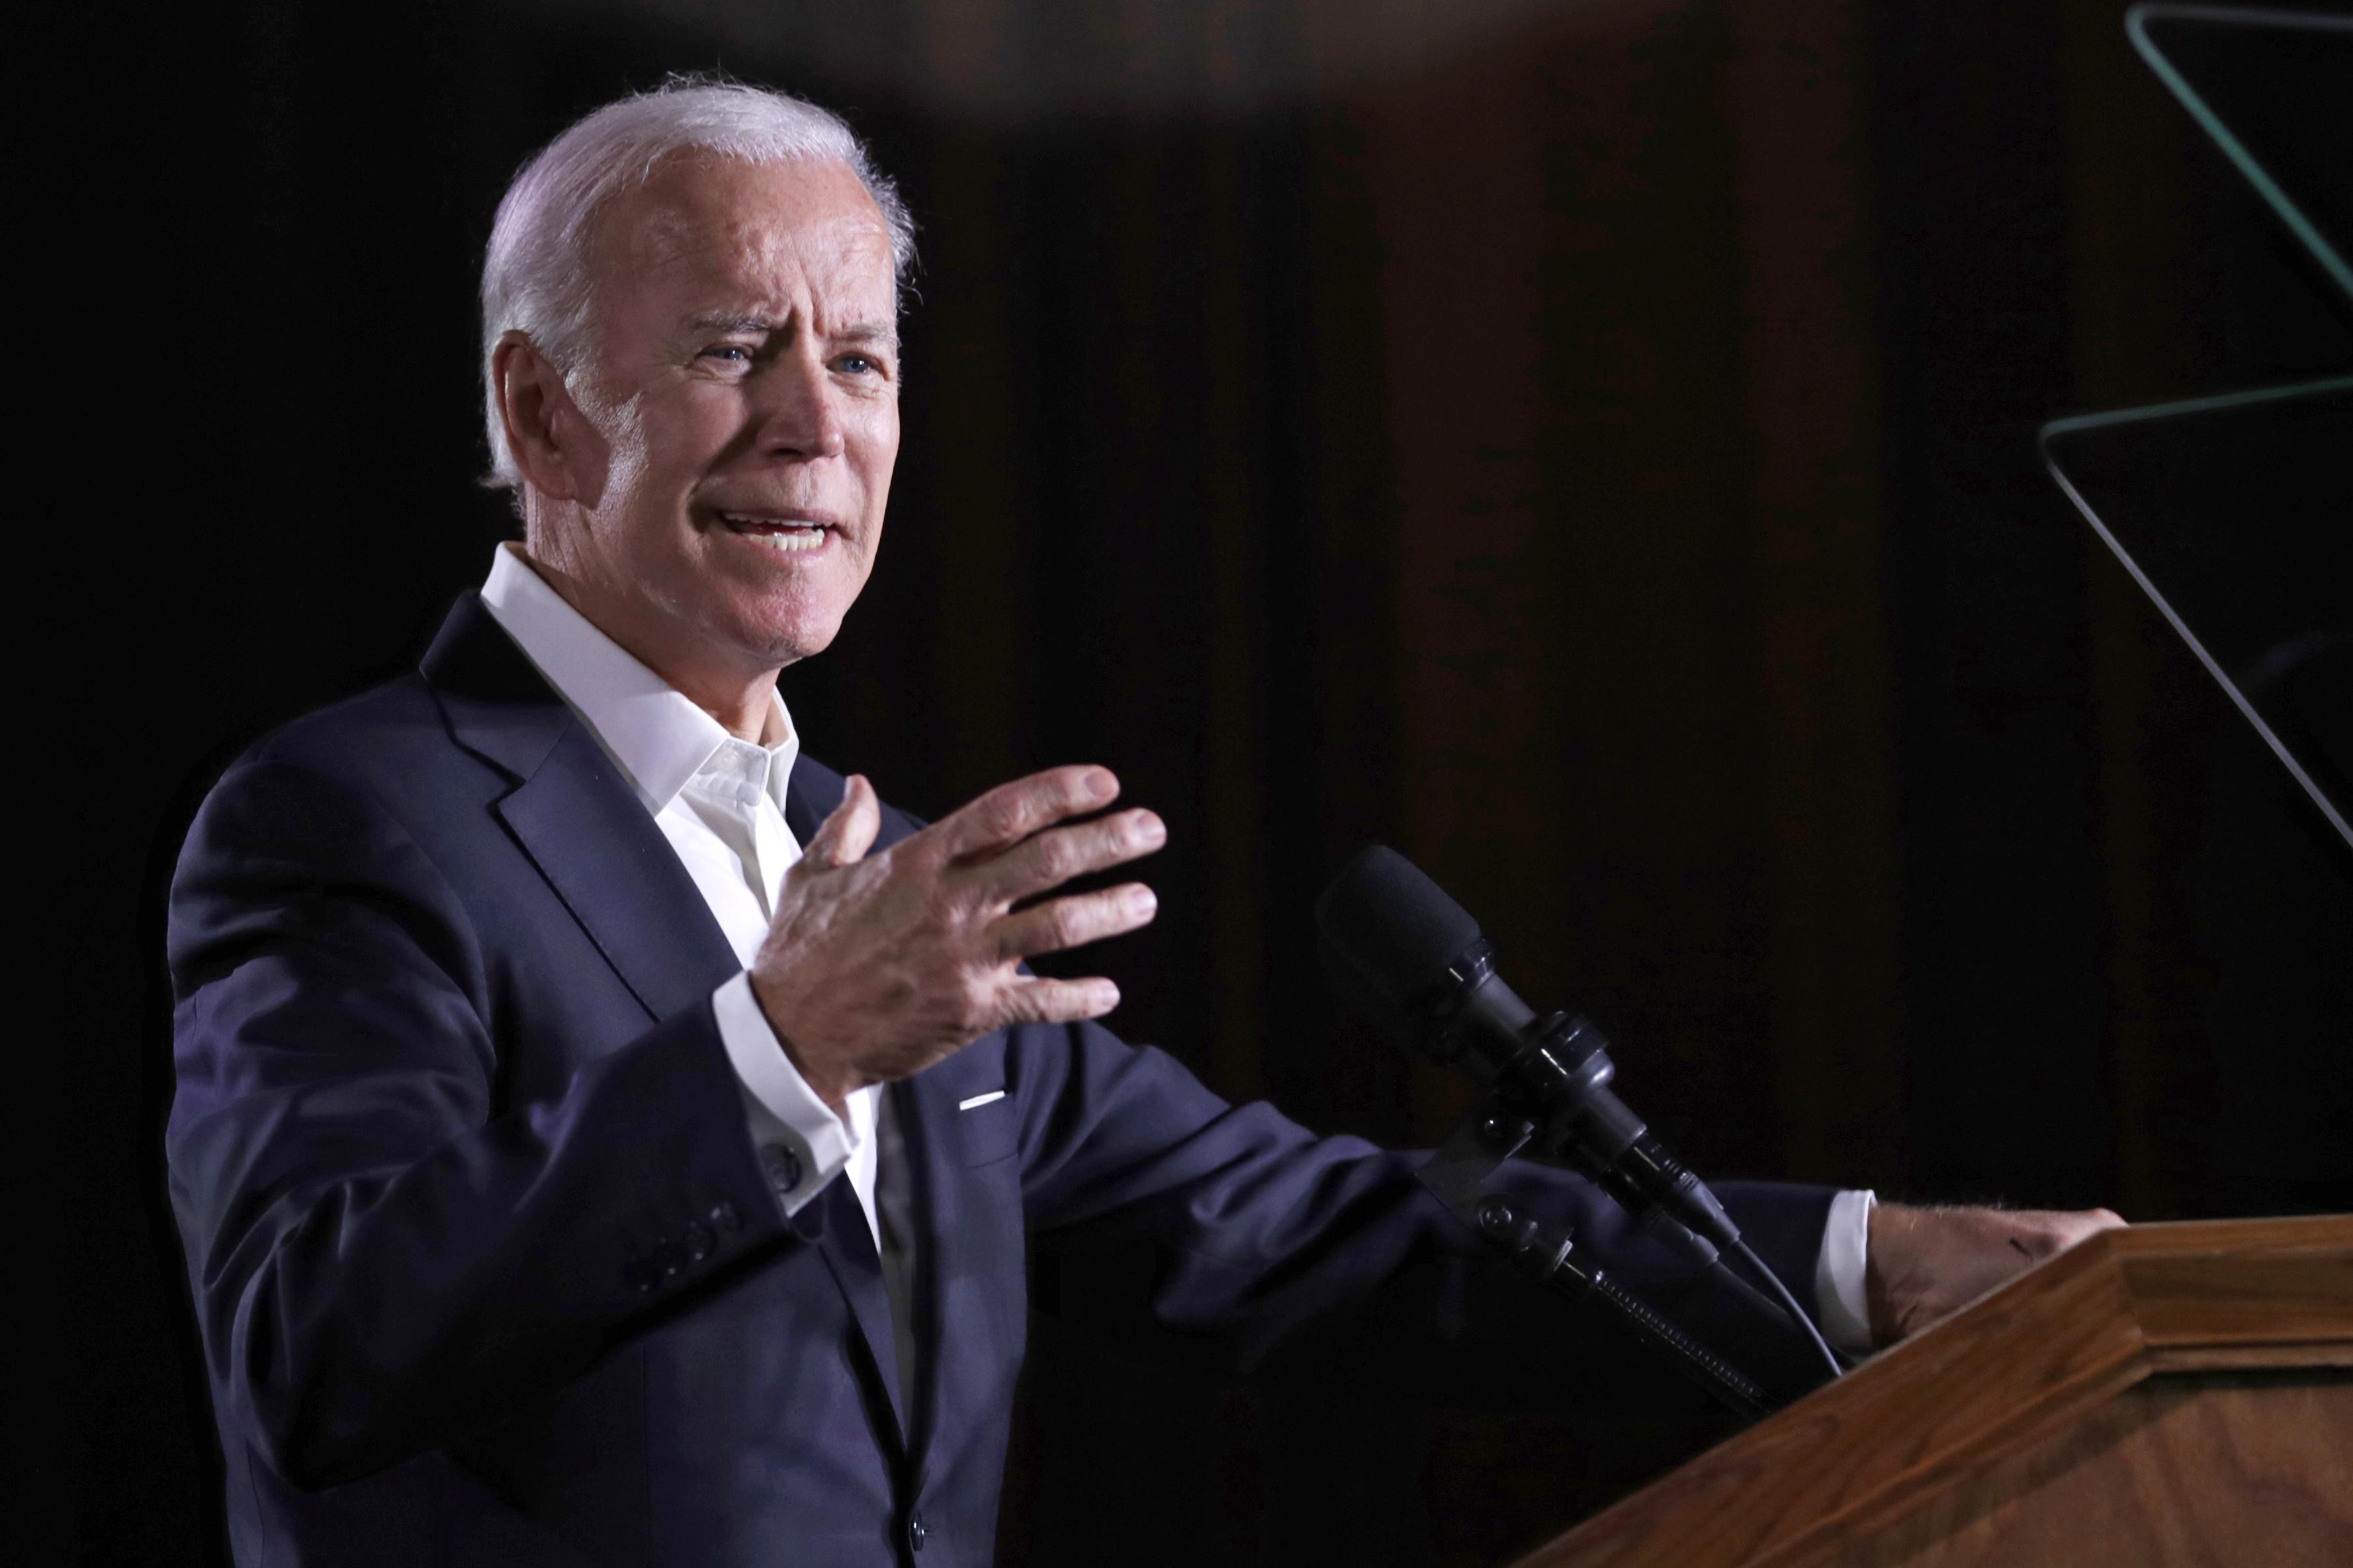 Joe Biden: Jam personi më i kualifikuar për të qenë President i SHBA-ve